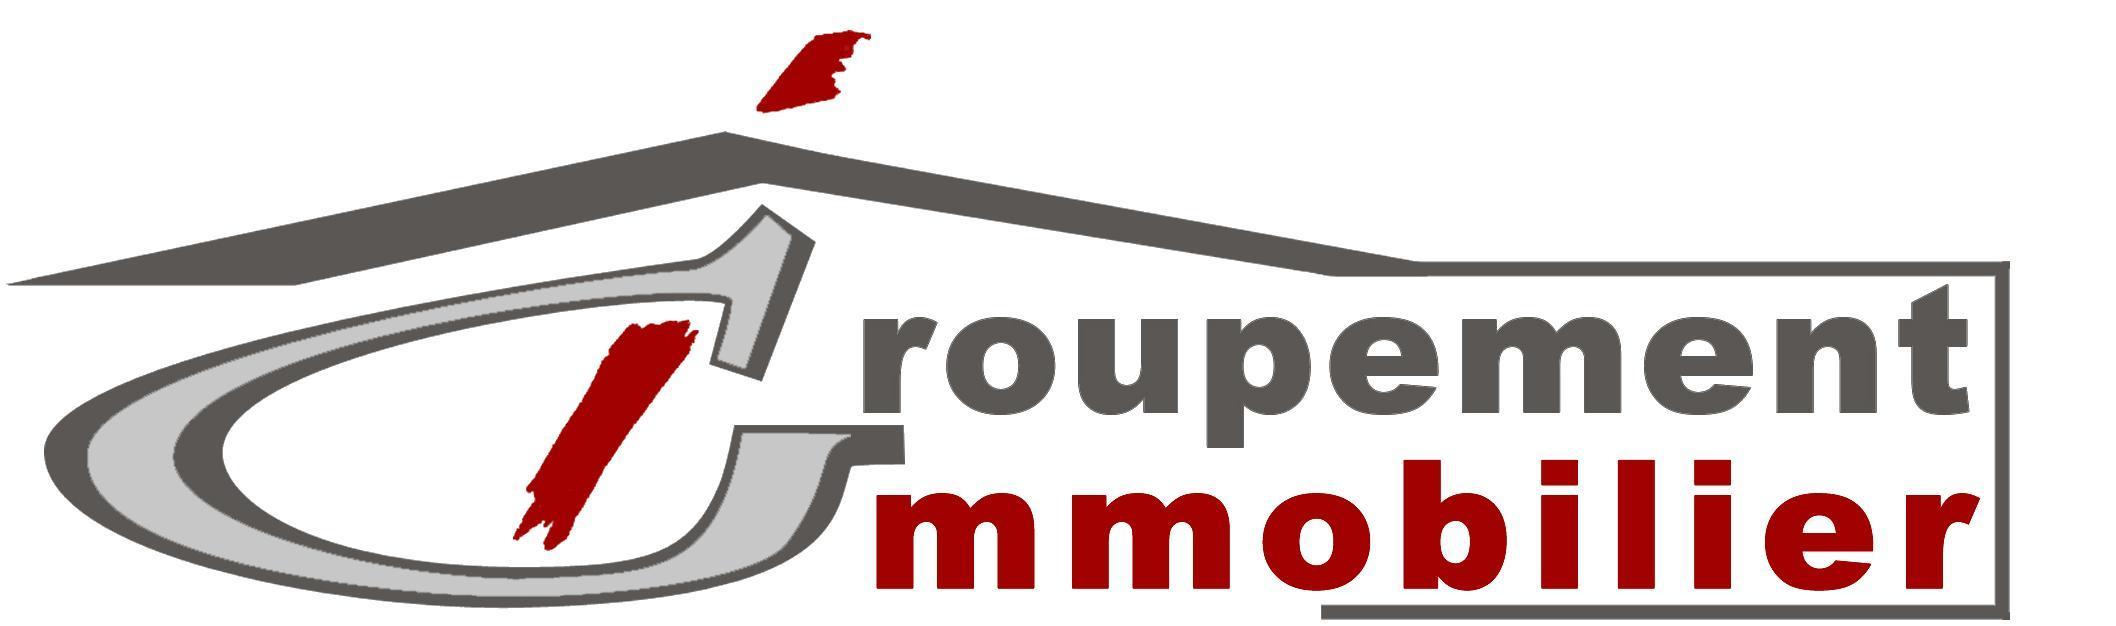 Groupement Immobilier agence immobilière Vailhauquès (34570)